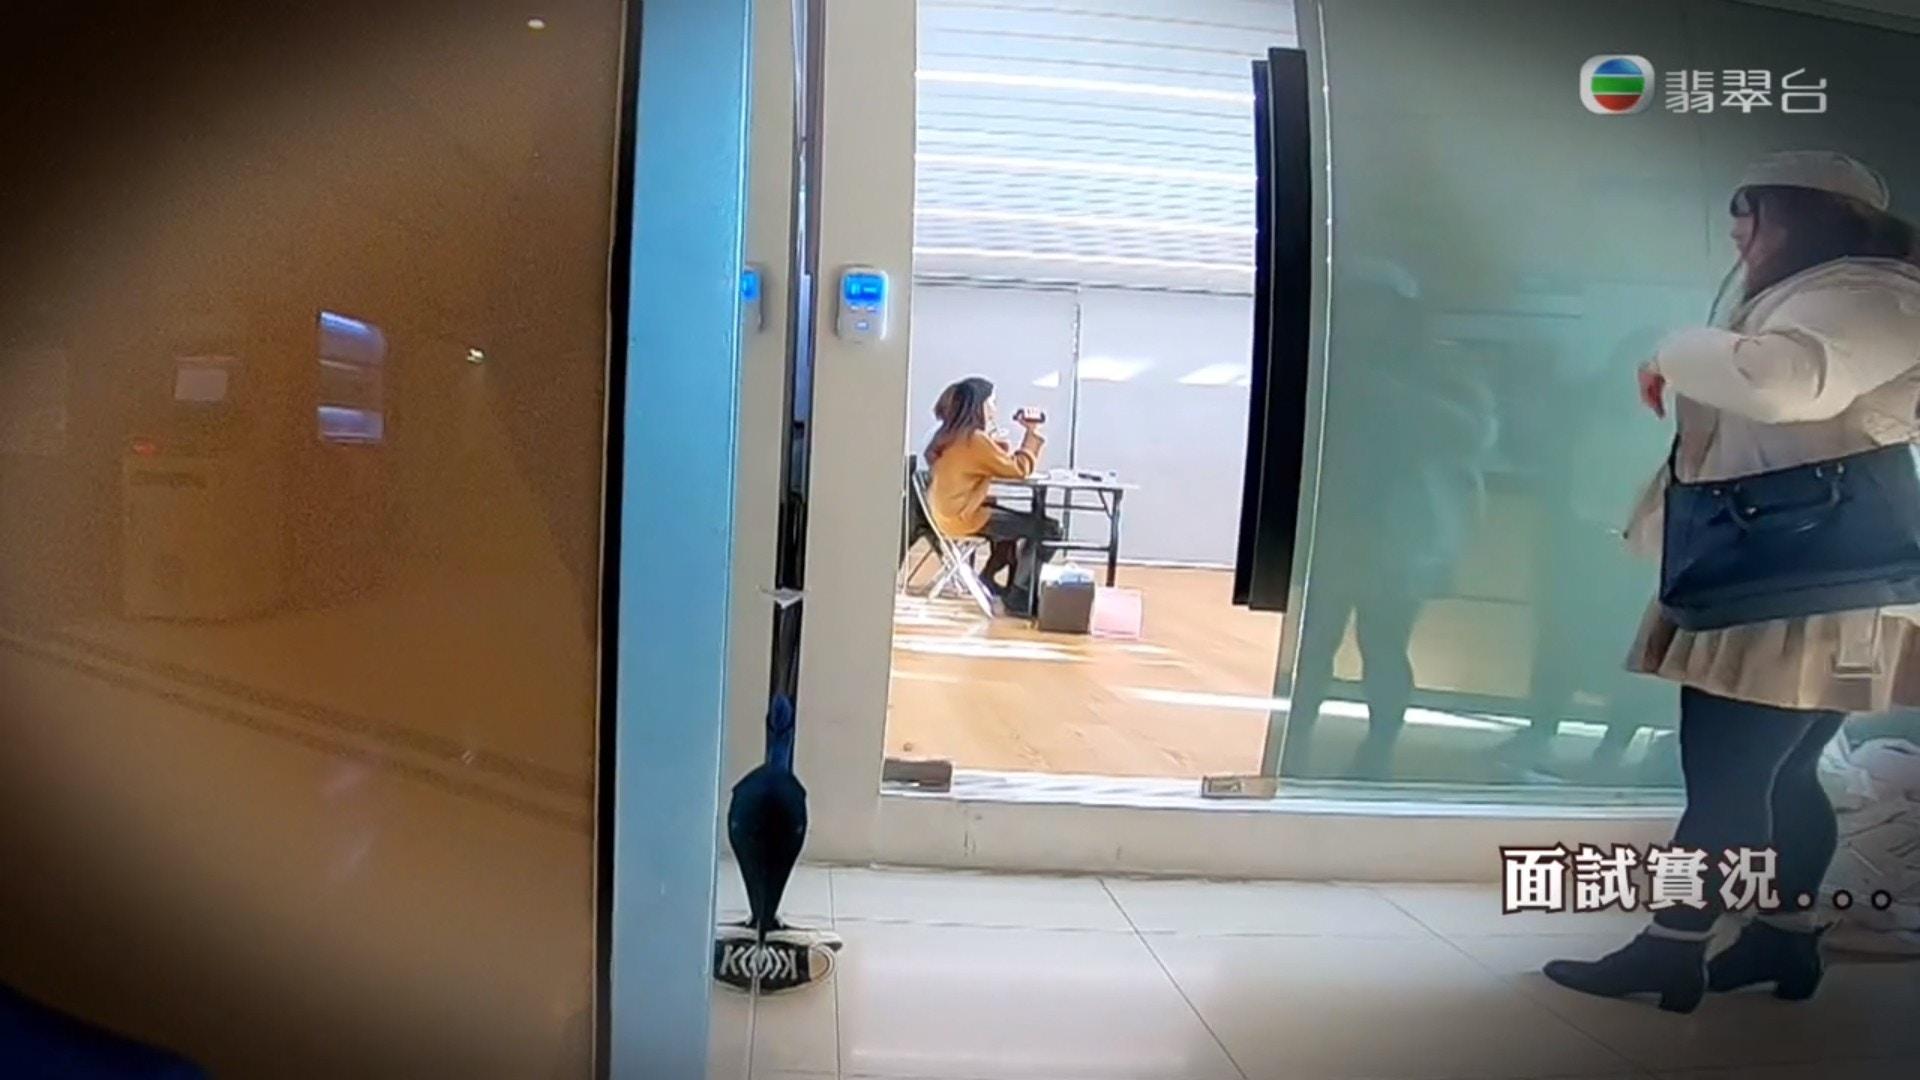 当韩国练习生一点都不简单!TVB黄智雯去韩国挑战做女团,结果?插图7